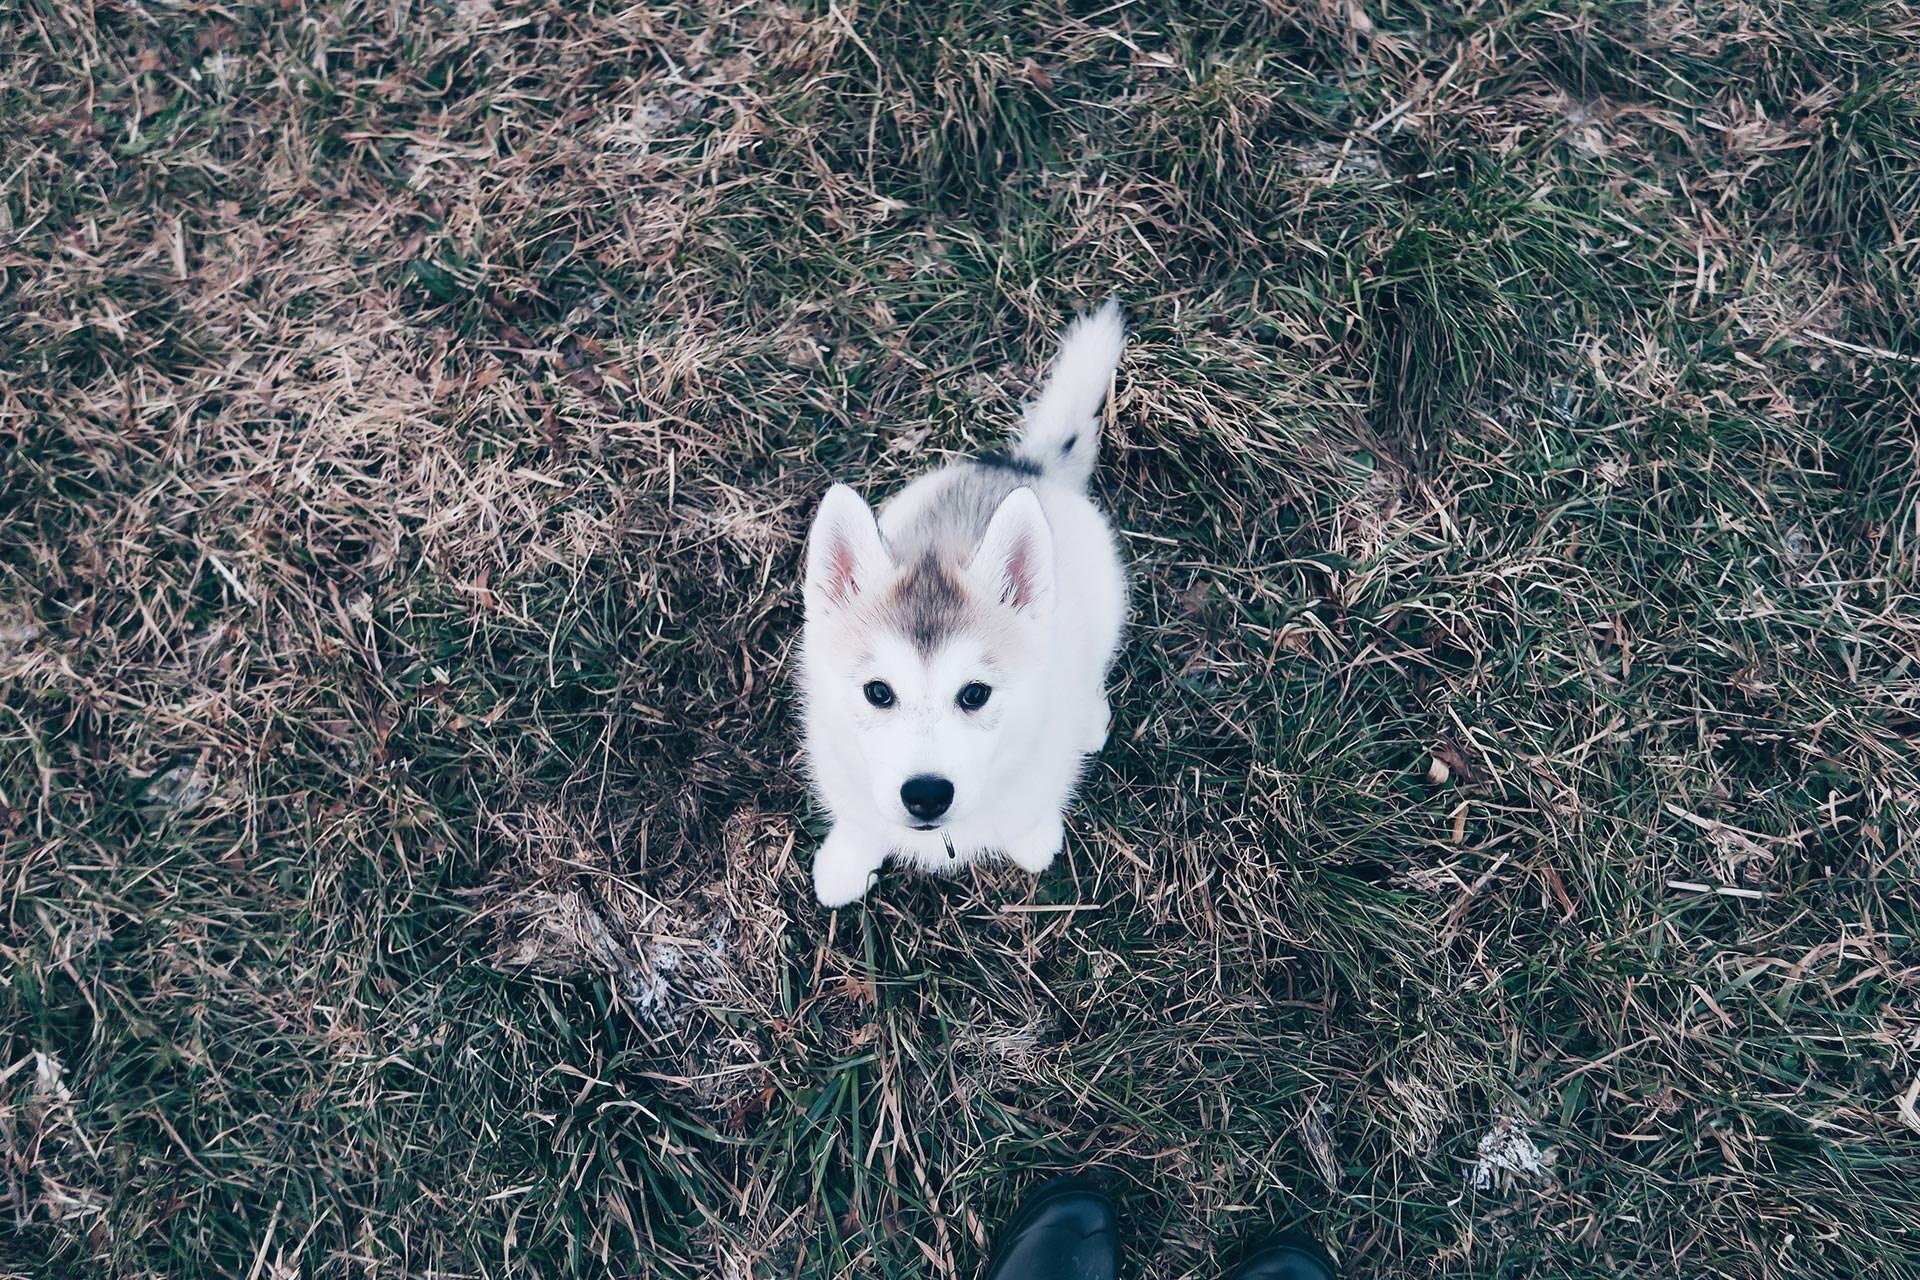 Hunde Facts Zur Sibirischen Husky Dame Sky Alltag Mit Hund Leben Mit Hund Hundeblog Hundeblogger Osterreich Hund Sibirischer Husky Husky Susseste Haustiere